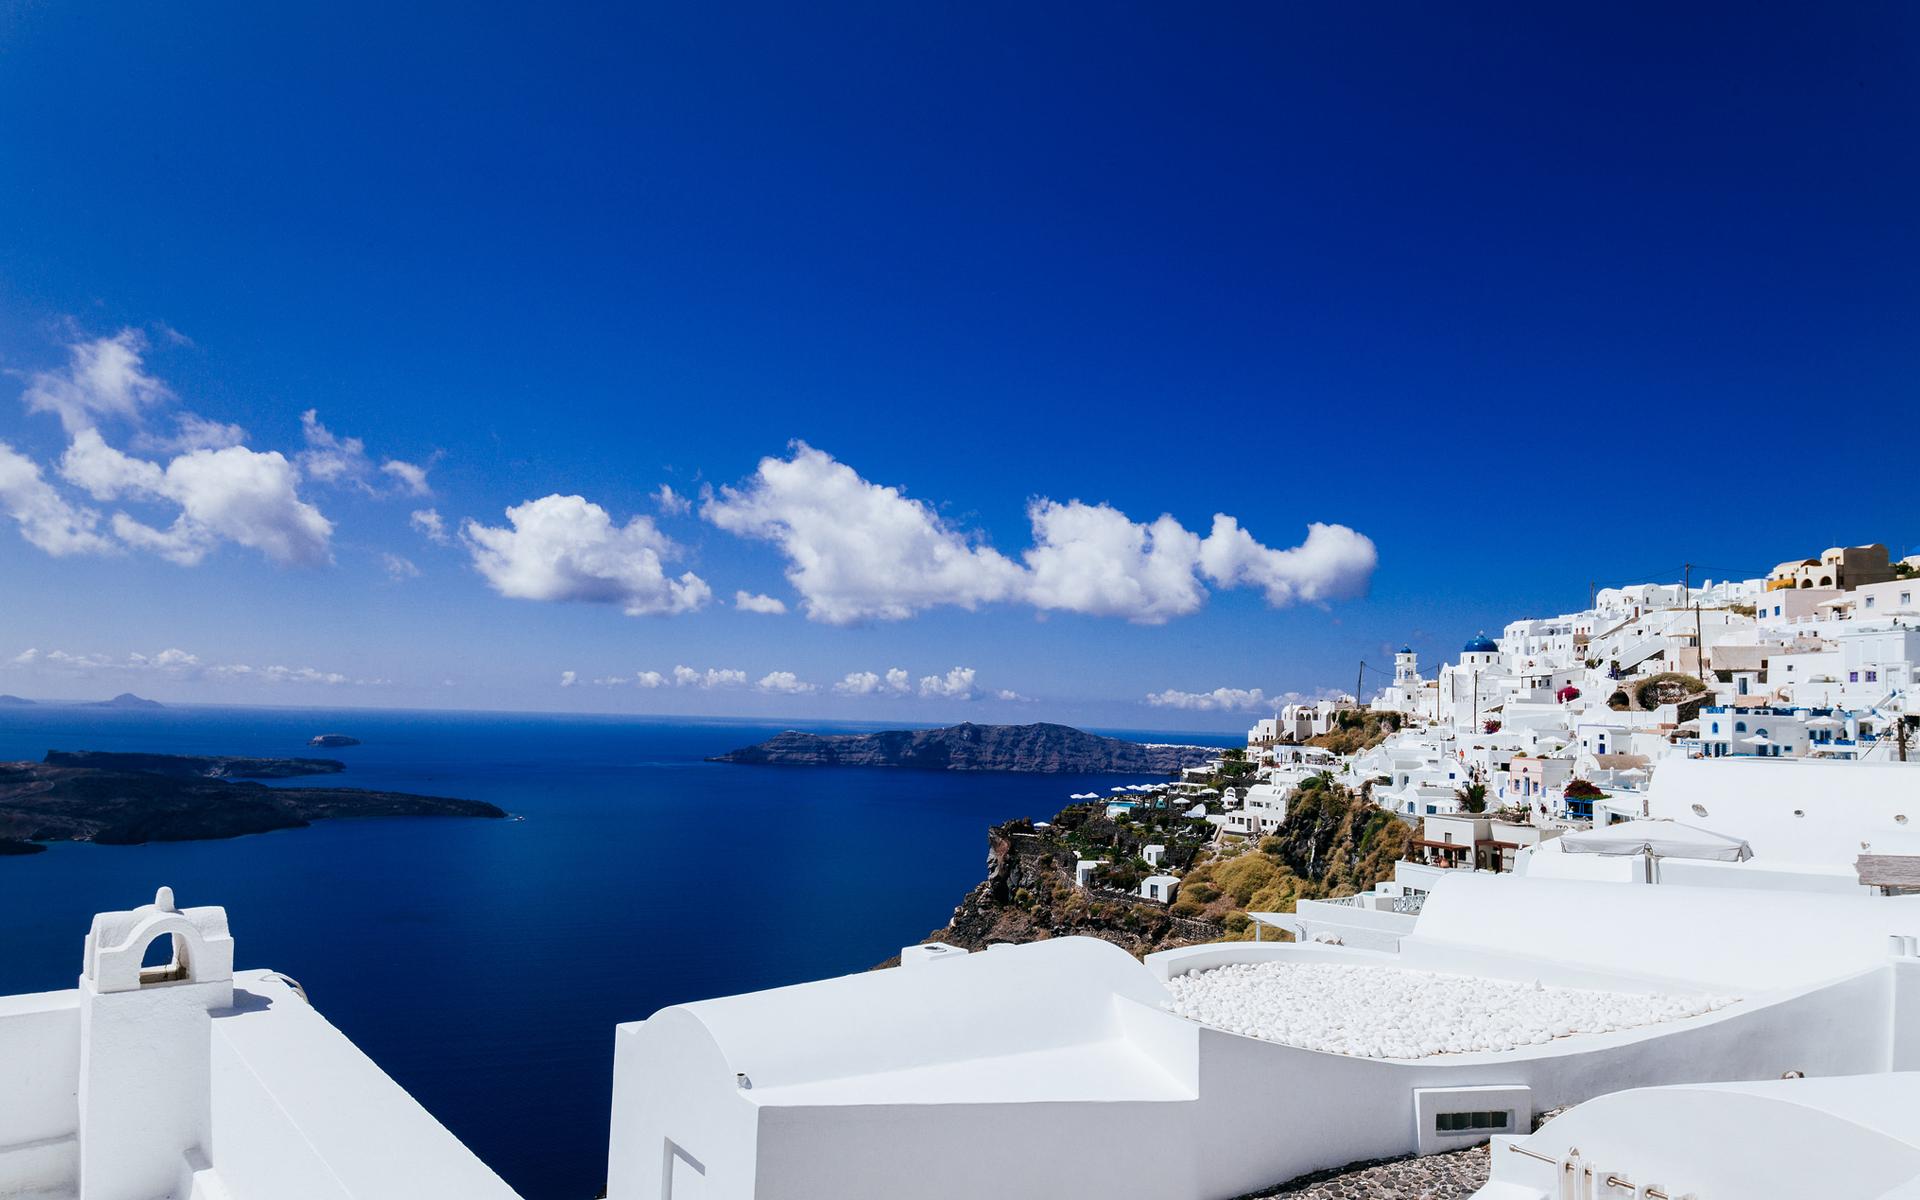 【爱琴海风景】-【联想杂谈】论坛-lenovopc社区-联想